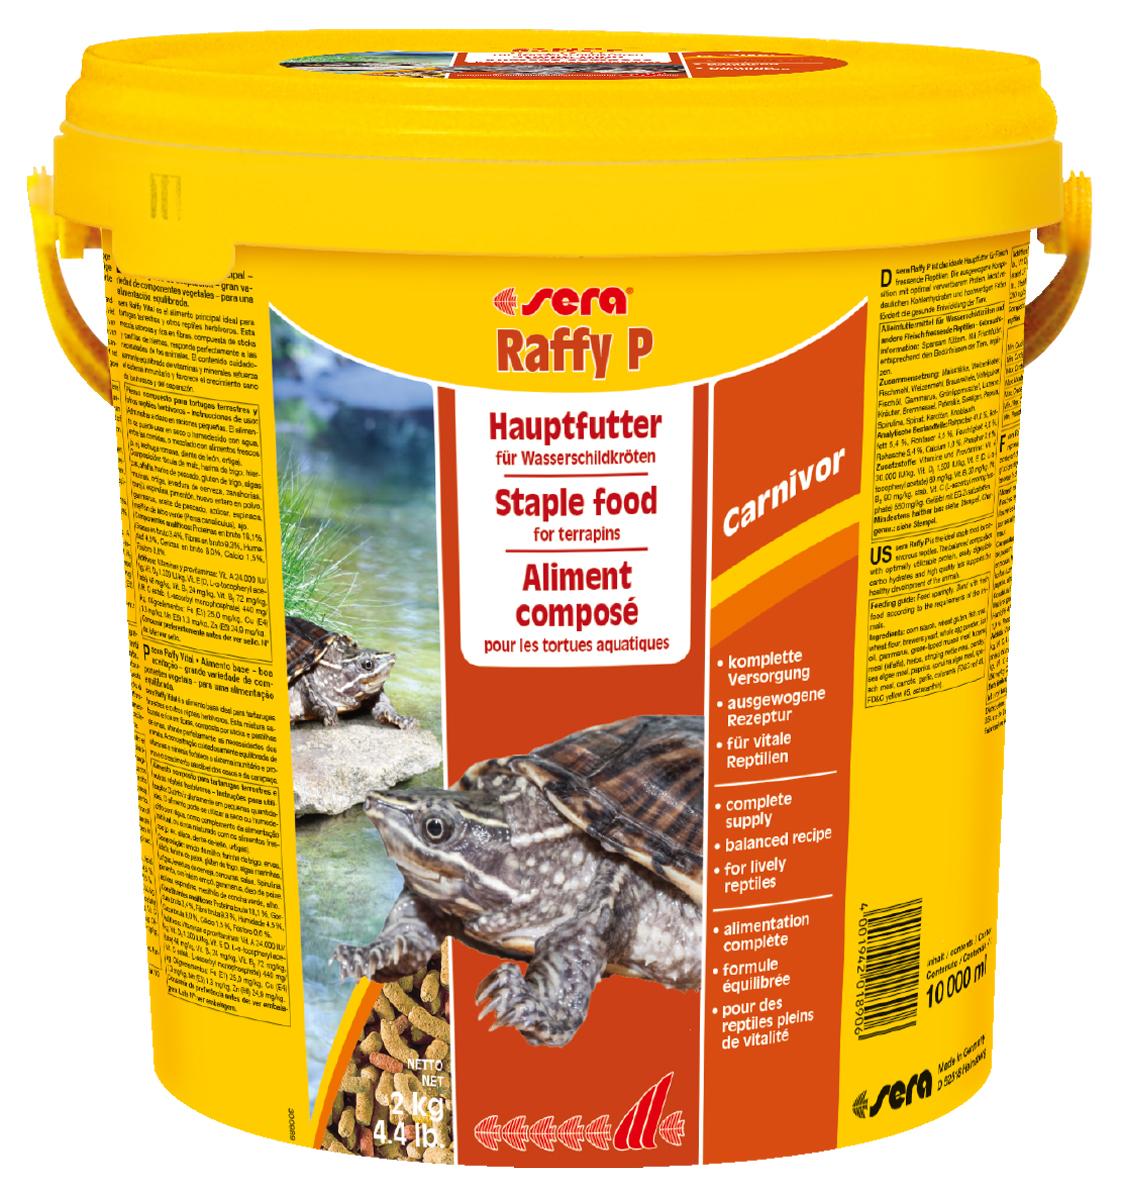 Корм для рептилий Sera Raffy P, 10 л (2 кг)0120710Корм для рептилий Sera Raffy P - комплексный корм для водных черепах, ящериц и других плотоядных рептилий. Сбалансированный состав с оптимальным содержанием легко усваиваемых белков и углеводов, а также высококачественных жиров способствует здоровому развитию животных. Эти вкусные палочки содержат все необходимые ингредиенты, а также дополнительное количество кальция.Инструкция по применению: Кормить экономно. Смешать со свежим кормом в соответствии с потребностями животных. Ингредиенты: кукурузный крахмал, пшеничная клейковина, рыбная мука, пшеничная мука, пивные дрожжи, цельный яичный порошок, рыбий жир, гаммарус, зеленые мидии, люцерна, растительное сырье, крапива, петрушка, морские водоросли, паприка, спирулина, шпинат, морковь, чеснок. Аналитический состав: протеин 41,0%, жиры 5,4%, клетчатка 4,5%, влажность 4,0%, зольные вещества 5,4%, кальций 1,0%, фосфор 0,6%.Витамины (на 1 кг): А 30000 МЕ, D3 15000 МЕ, Е 60 мг, В1 30 мг, В2 90 мг, С 550 мг. Товар сертифицирован.